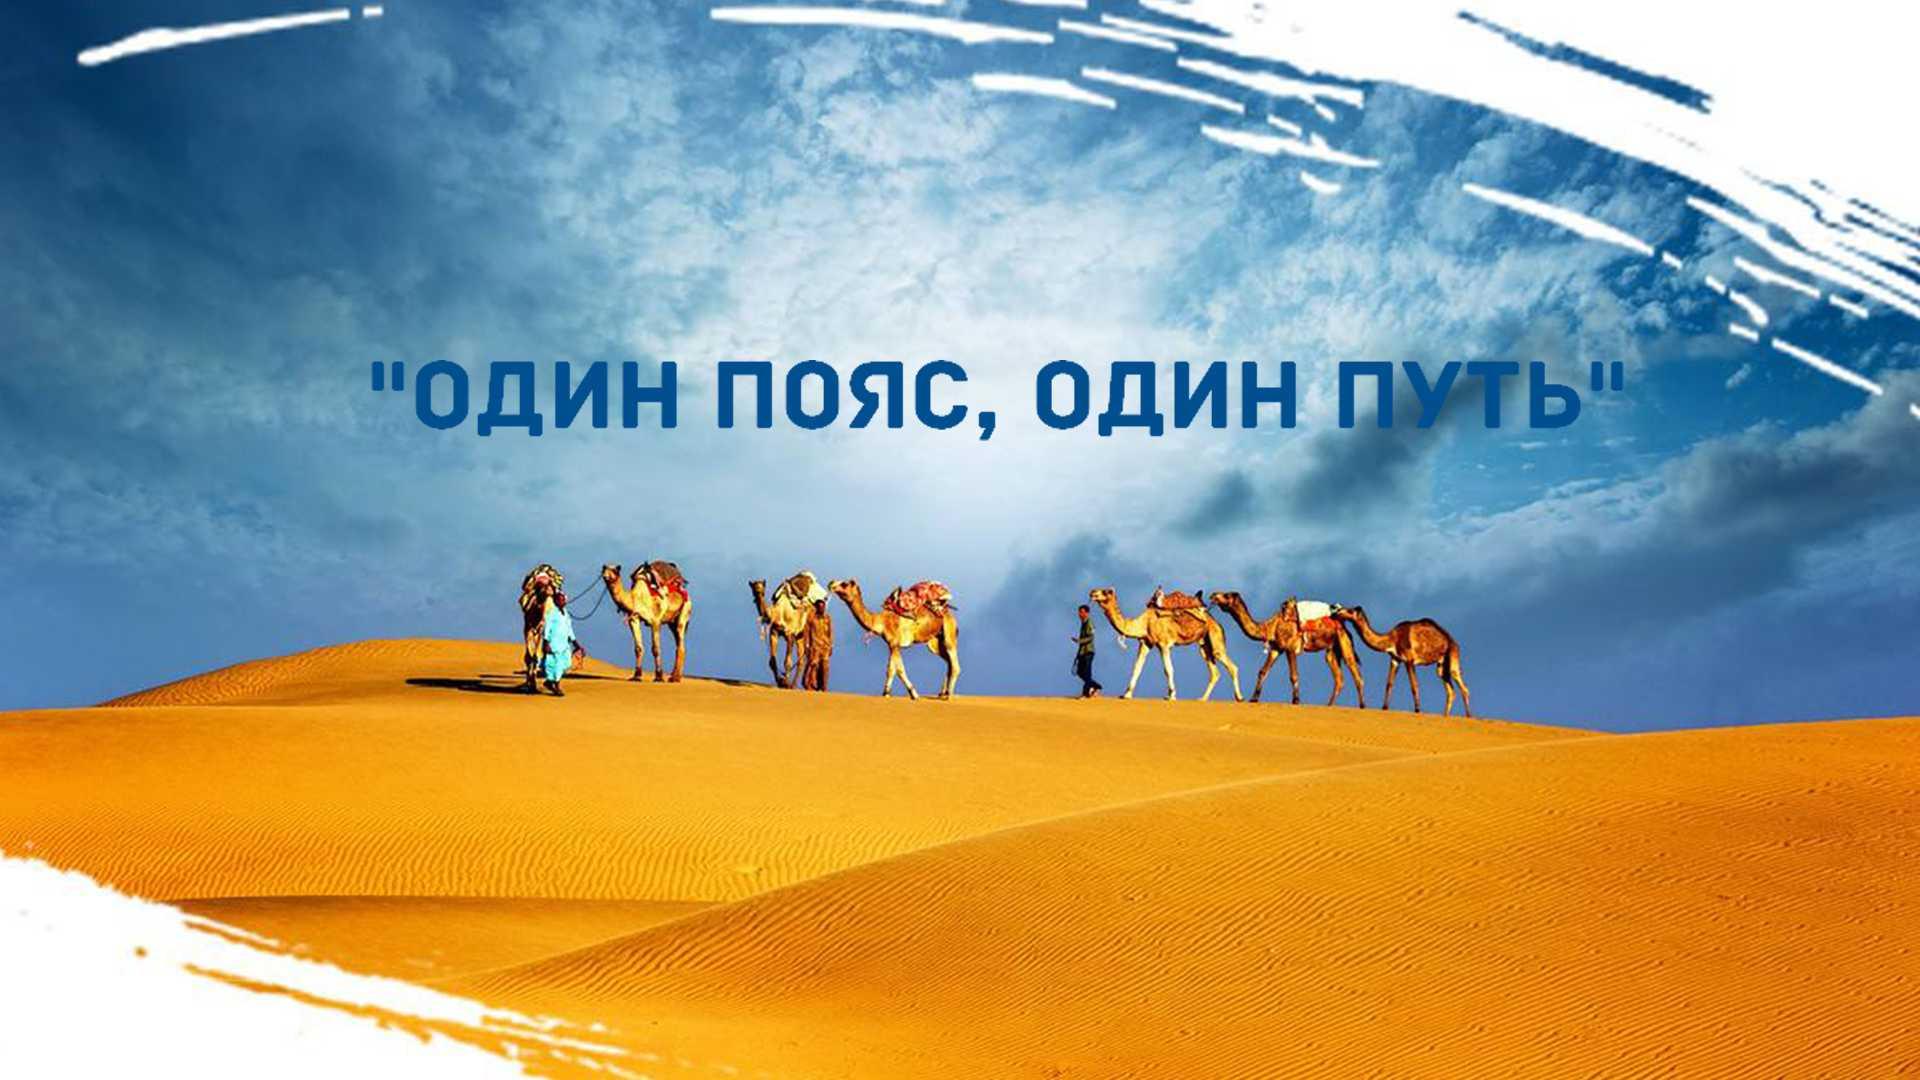 ЕЭК предложила новые направления сопряжения Евразийского союза и «Пояса и пути»